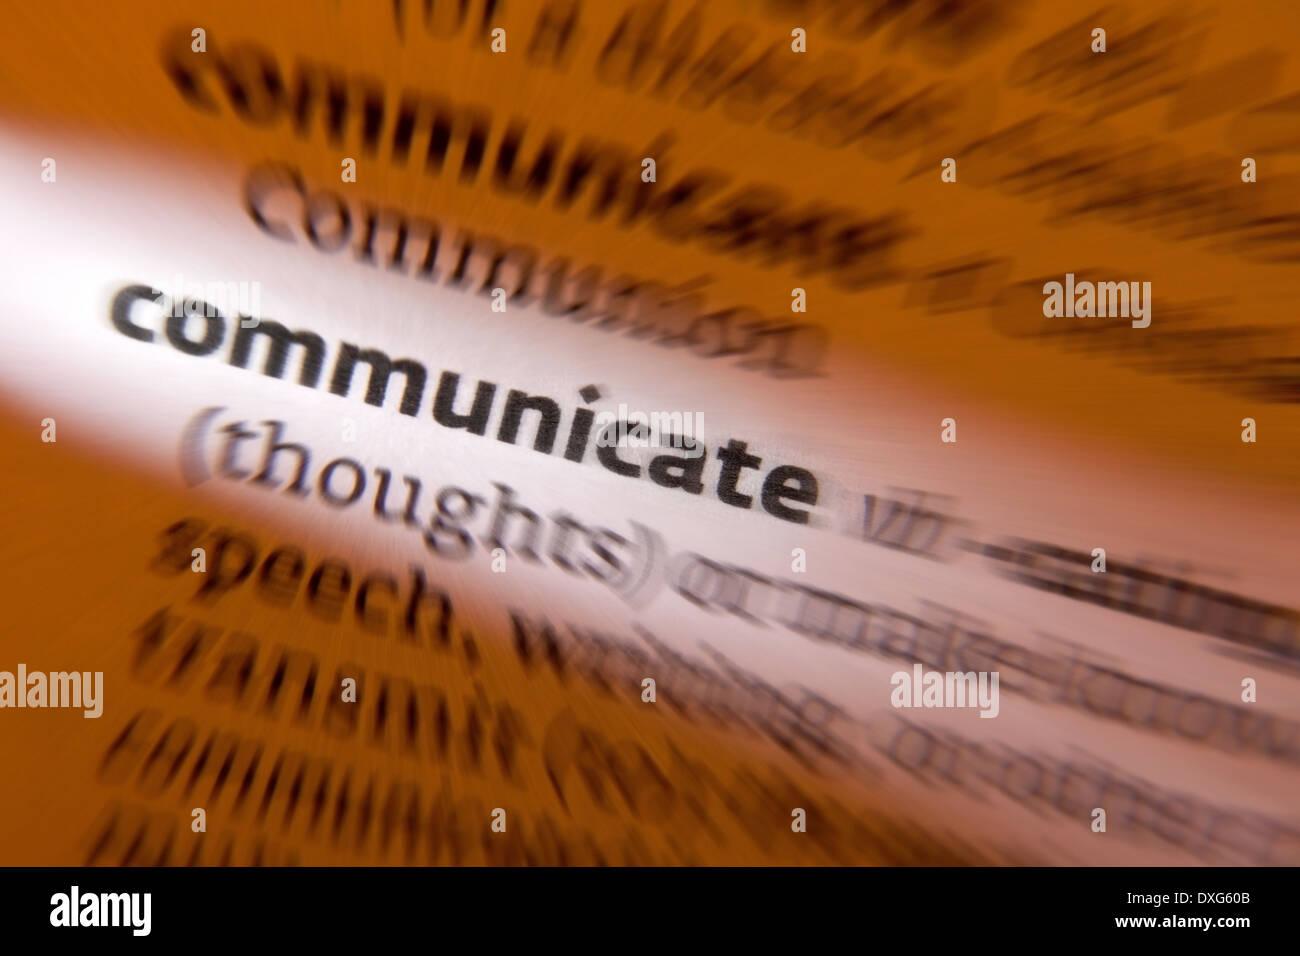 Comunicar, Compartir o intercambiar información, noticias o ideas. Imagen De Stock